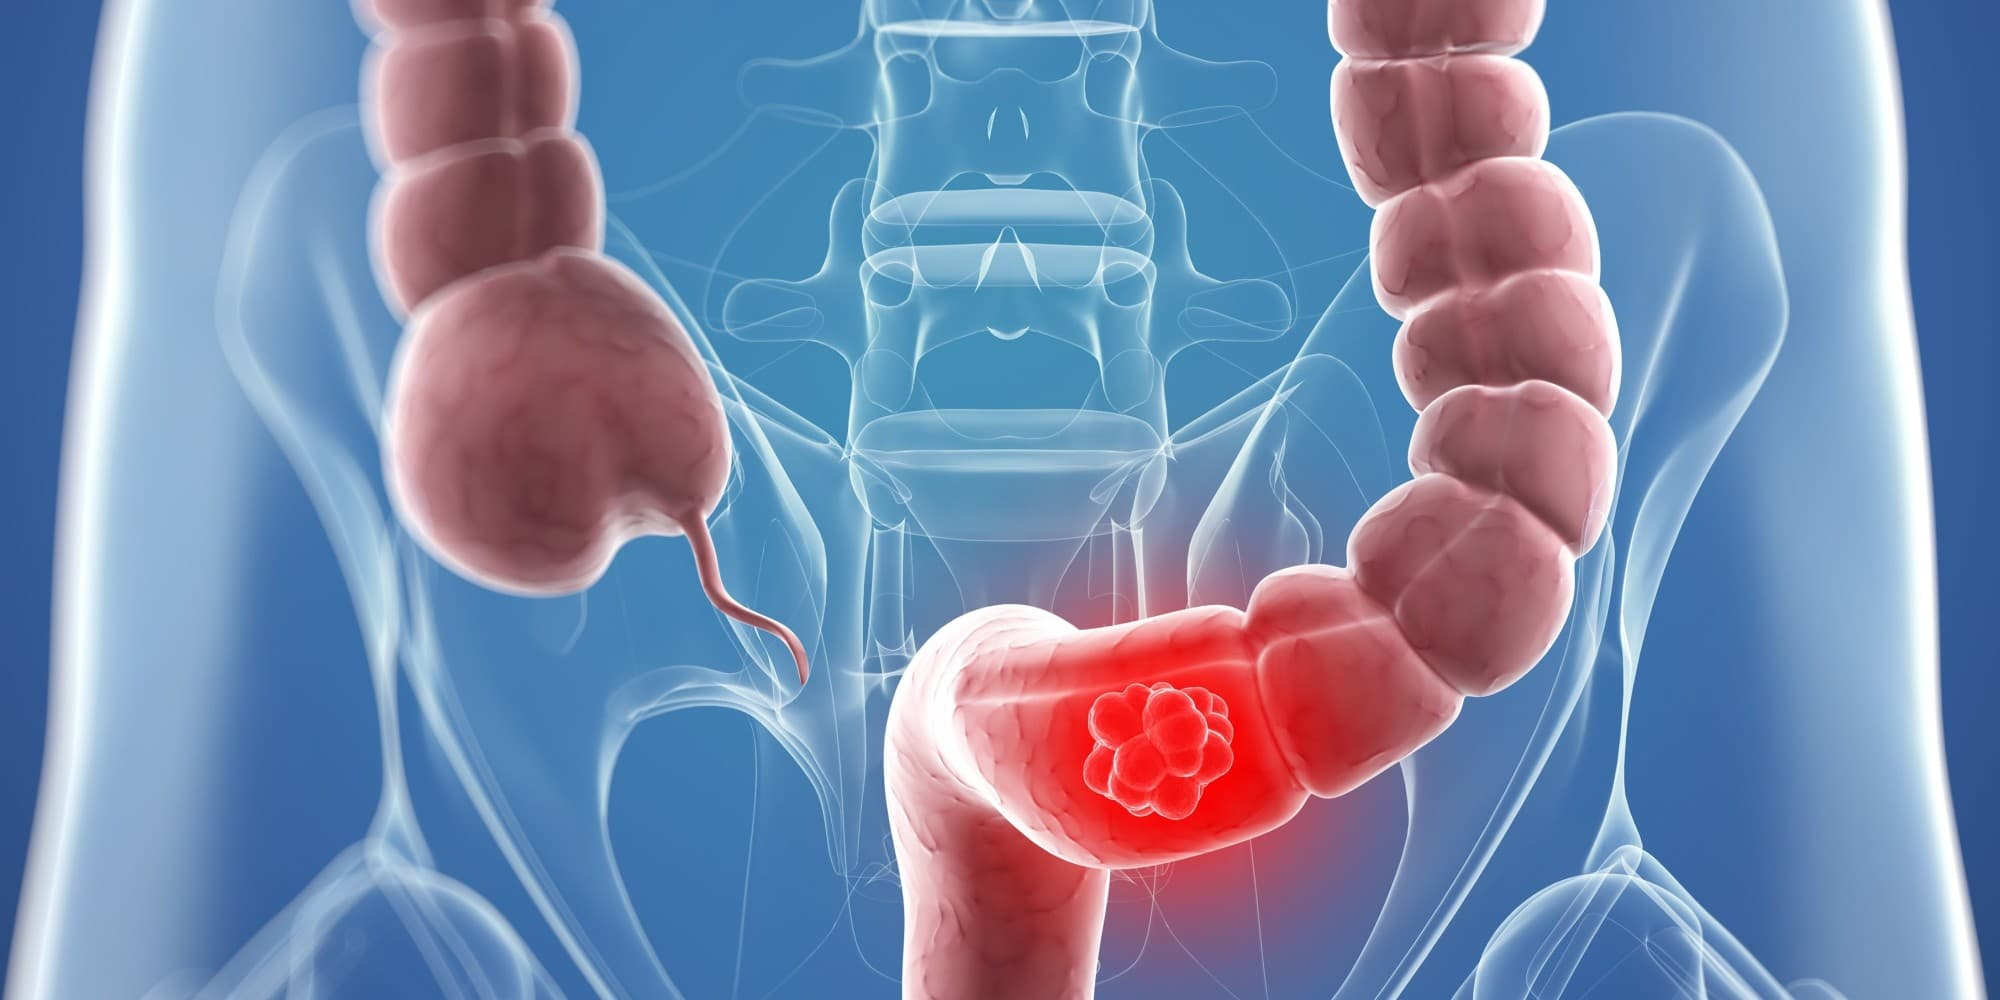 Колоректальный рак: высокая летальность и полная излечиваемость